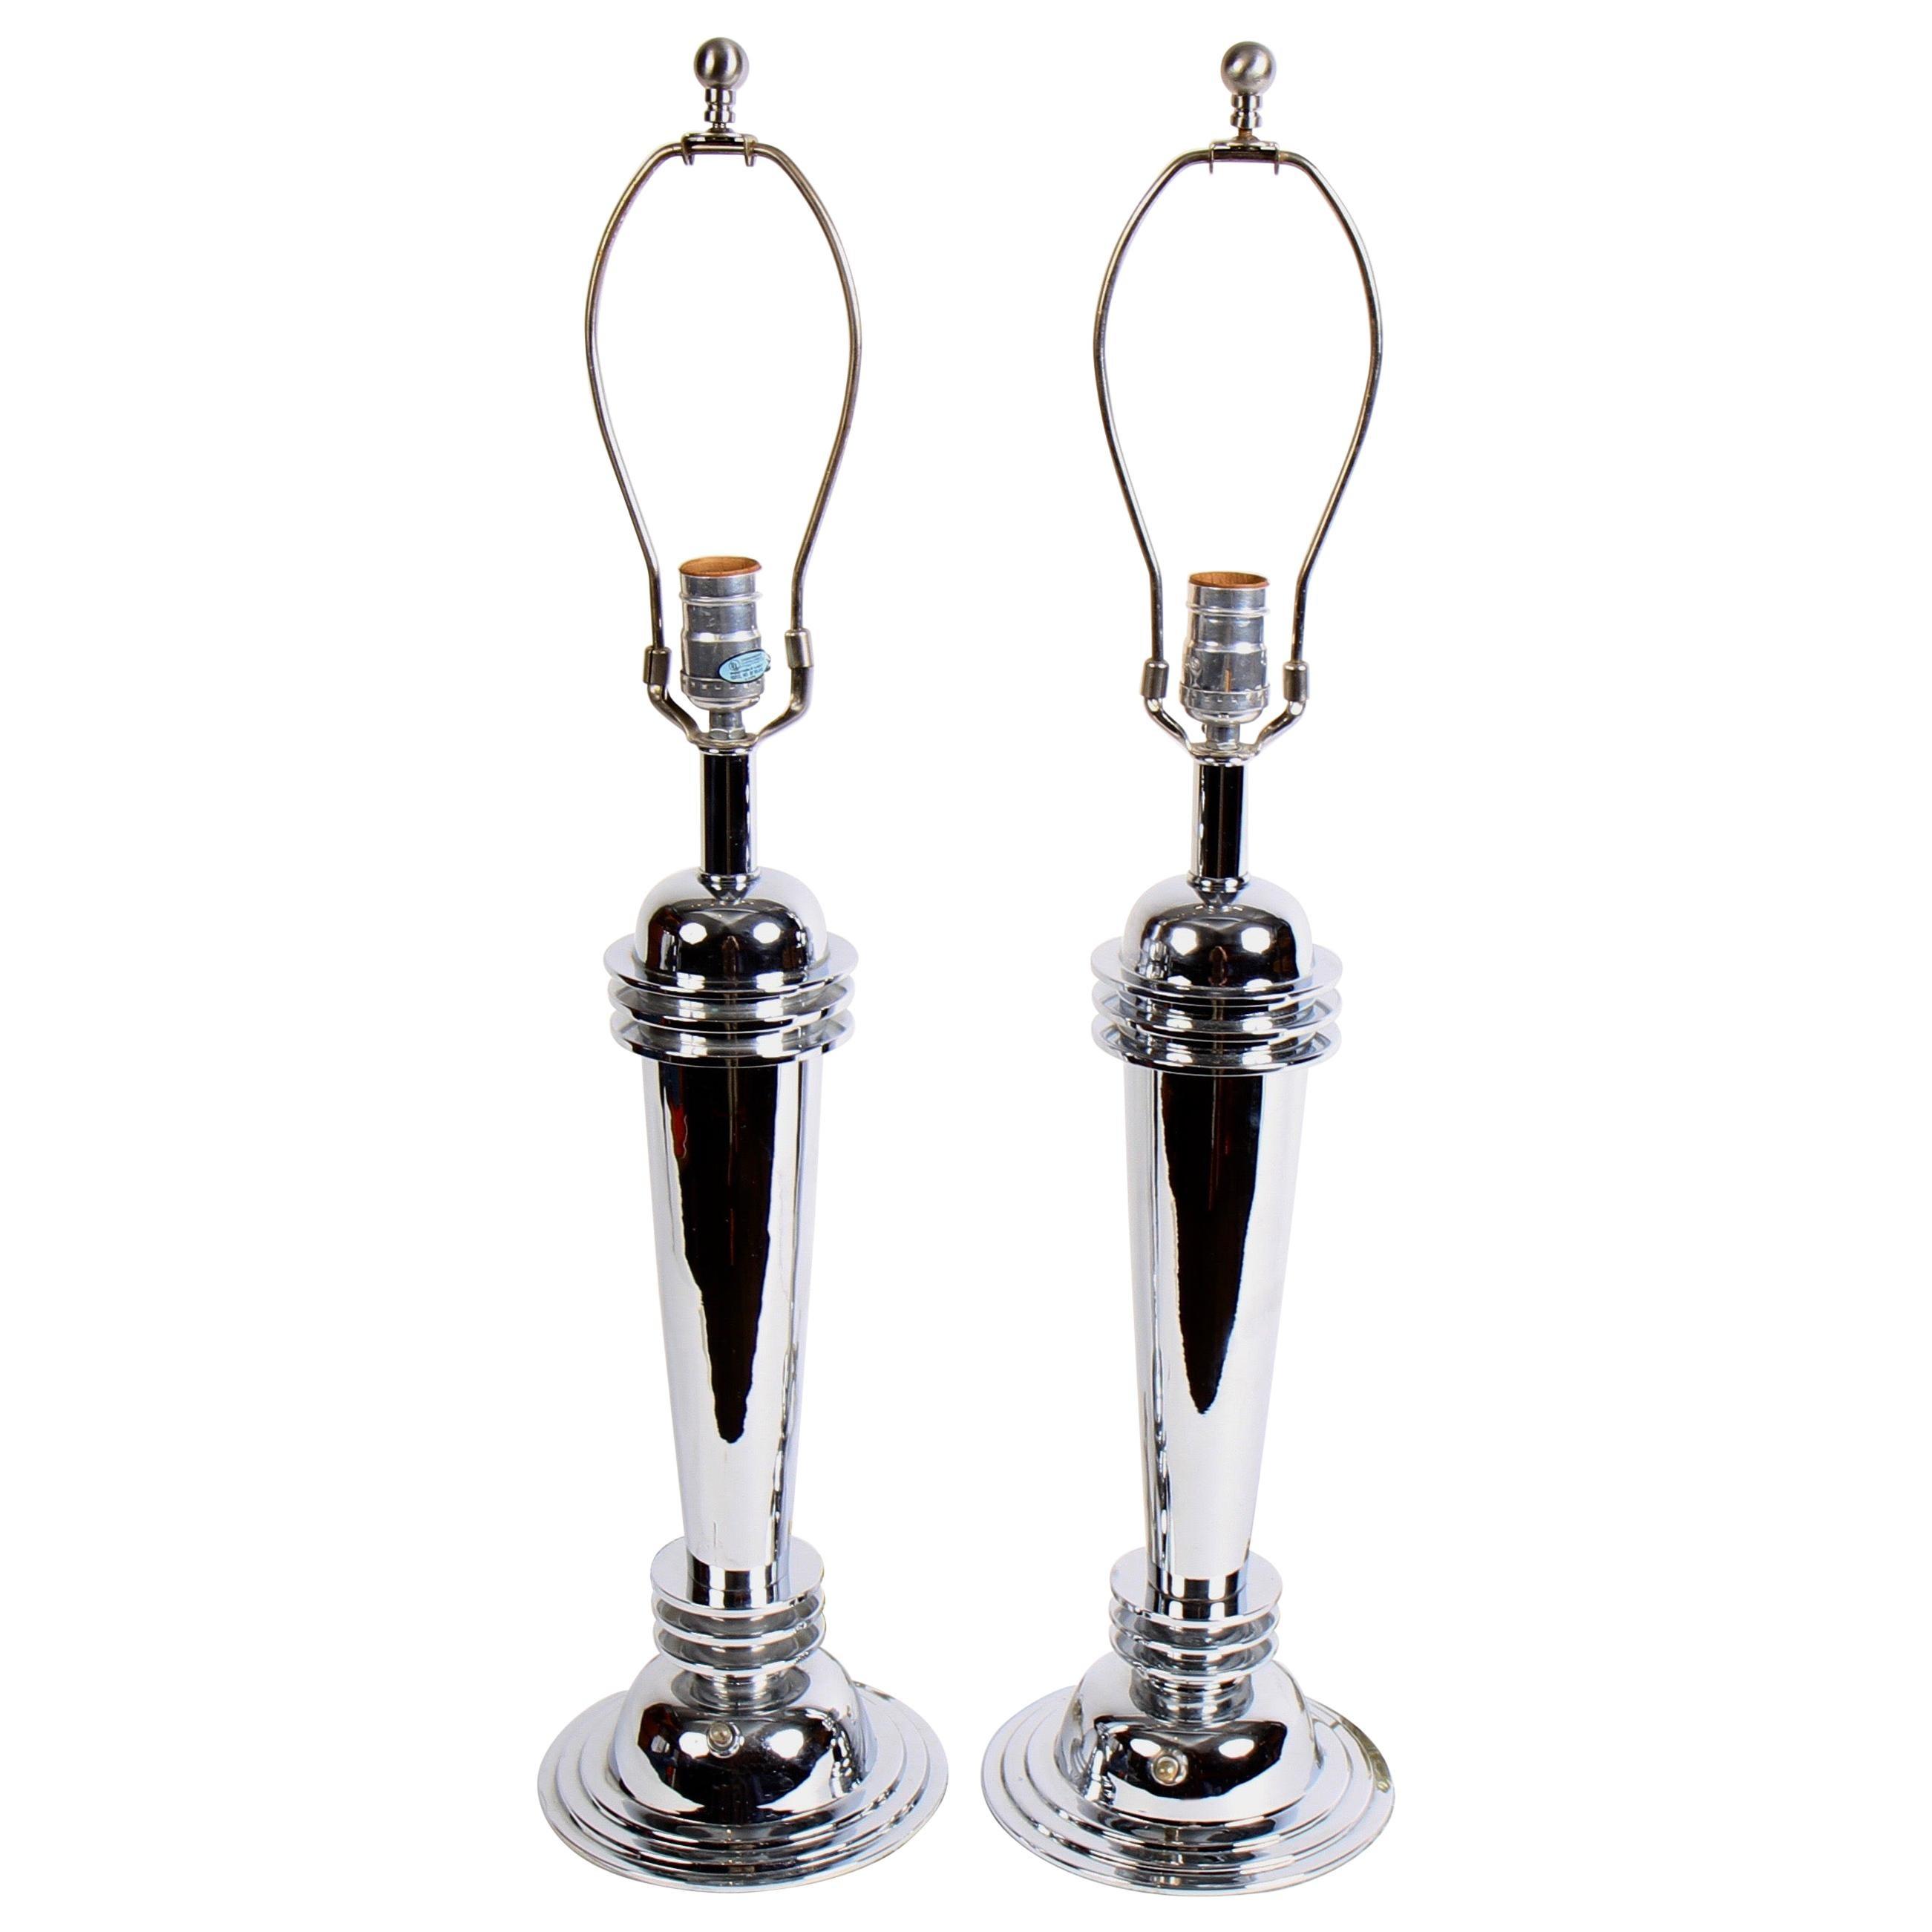 Chrome Art Deco Table Lamps